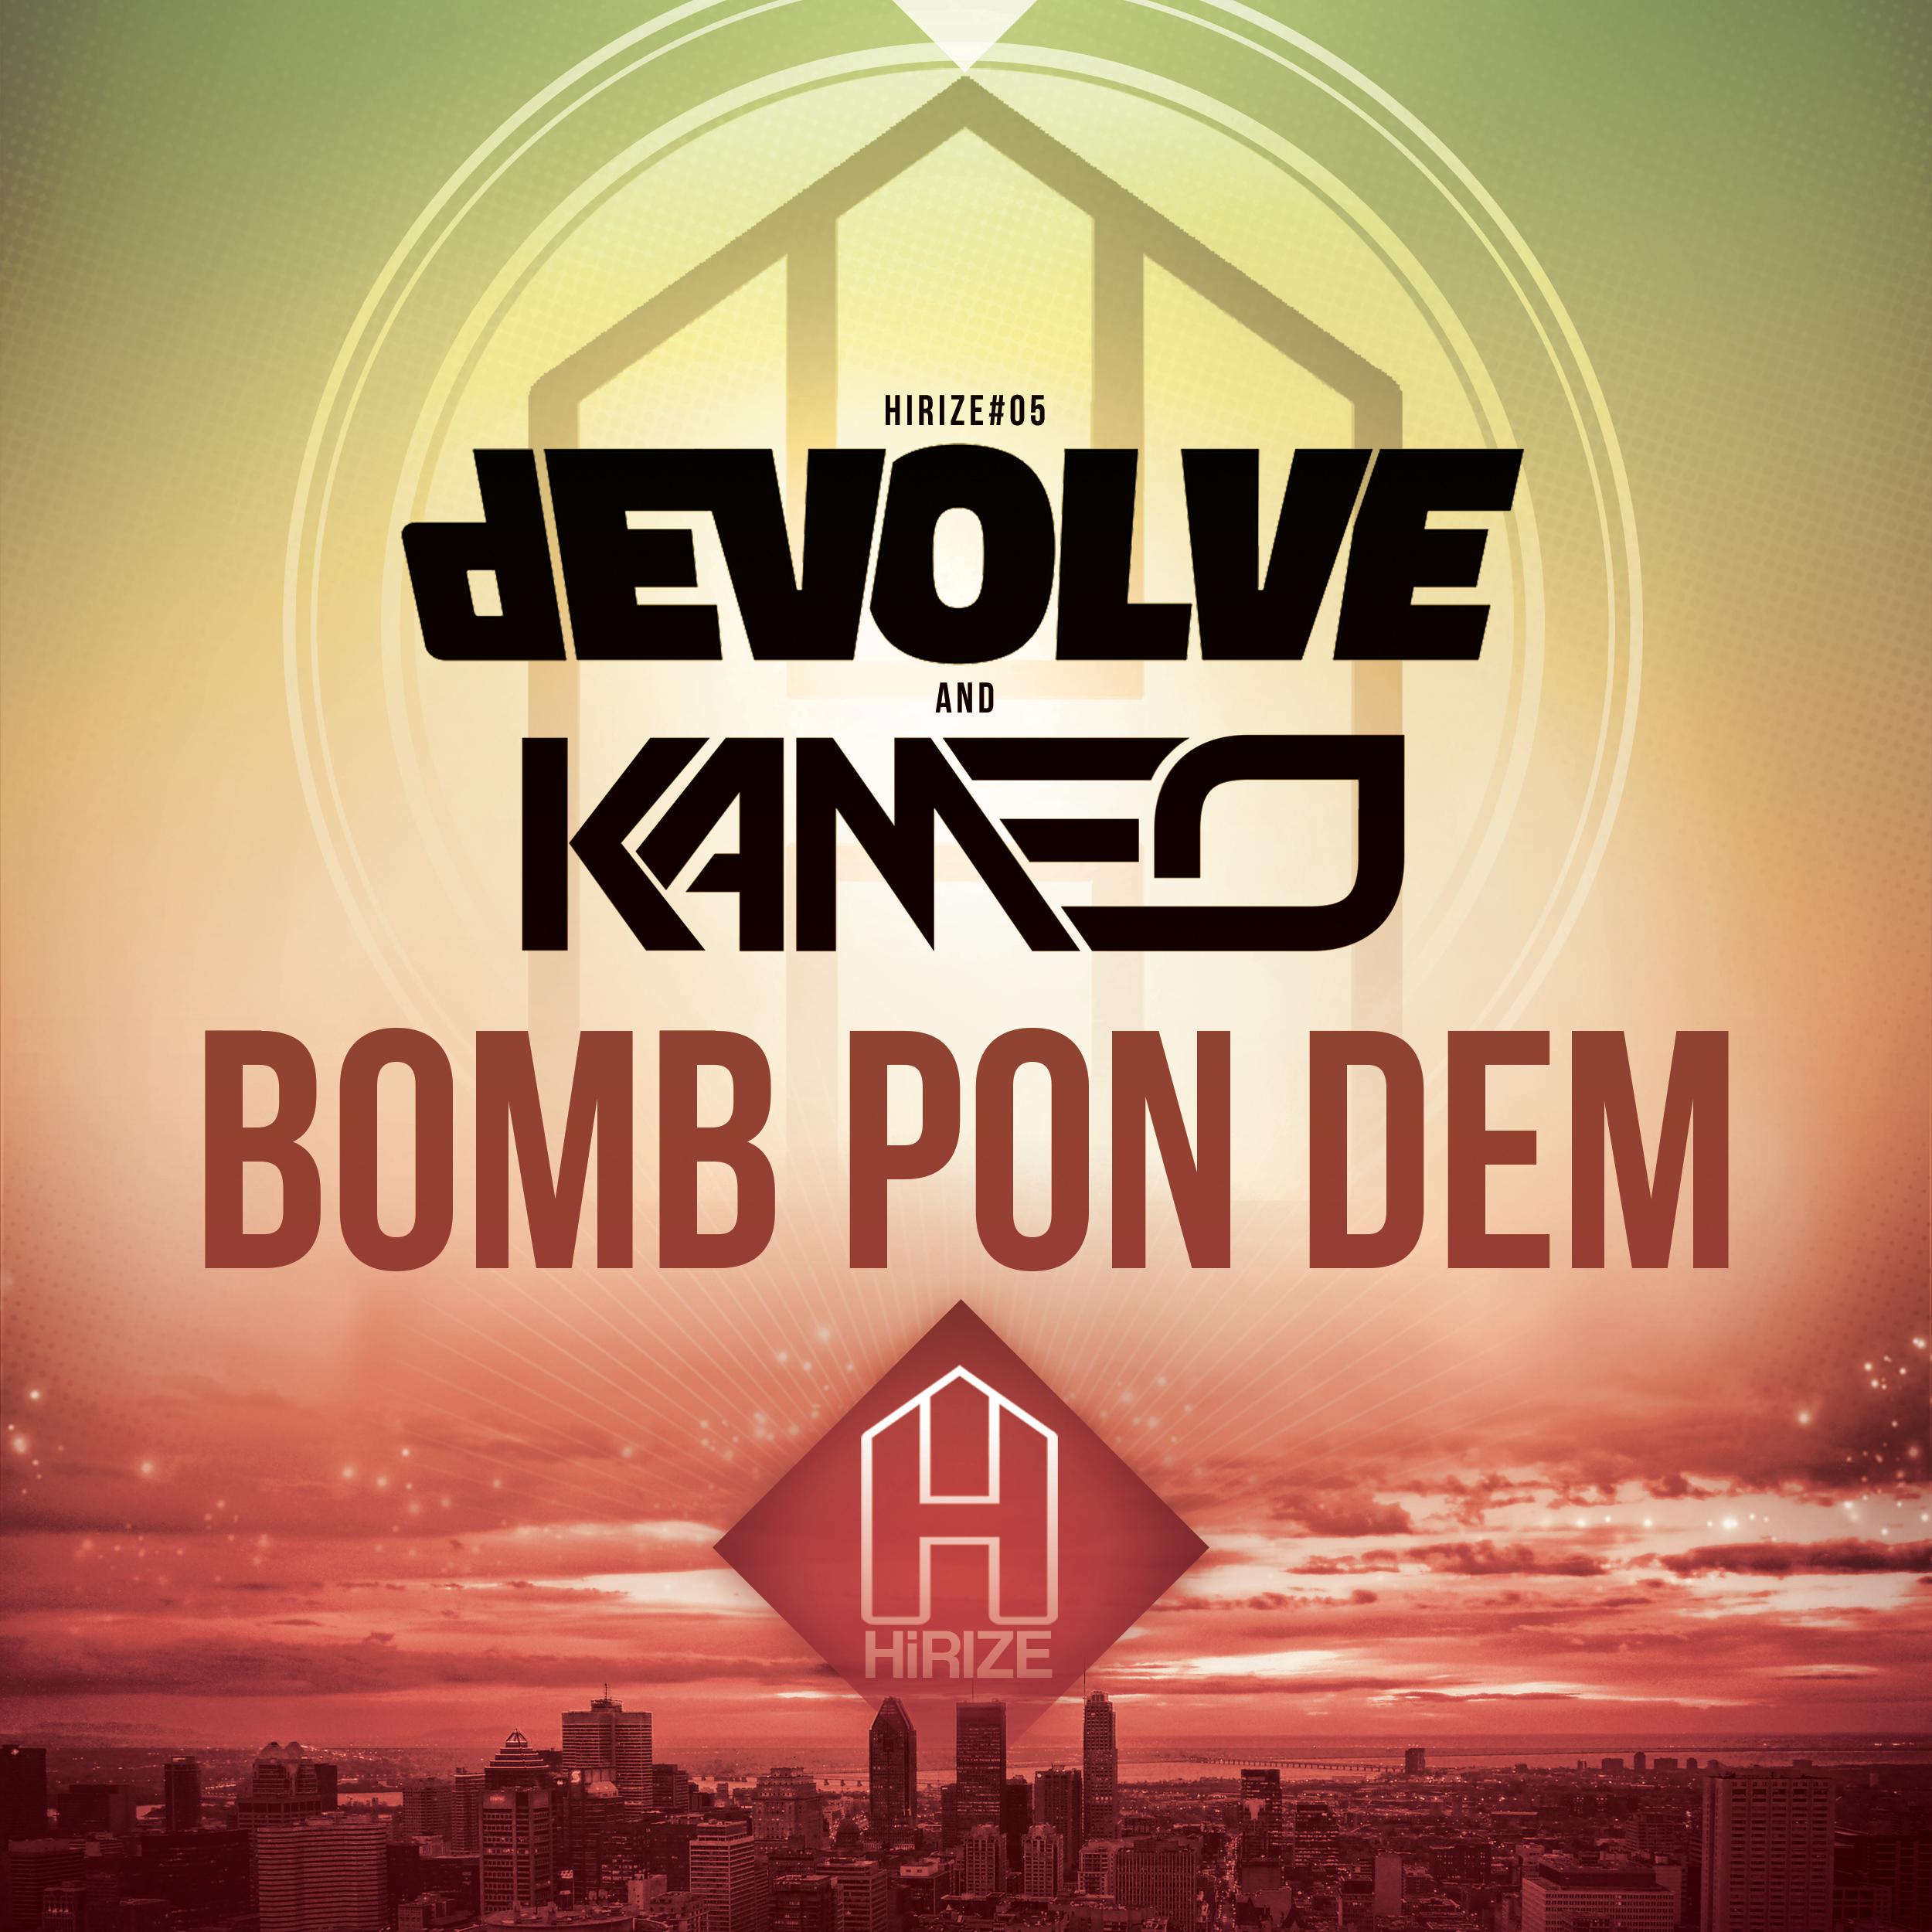 Bomb Pon Dem Free Download By DEVOLVE Free Download On ToneDen - Free dem